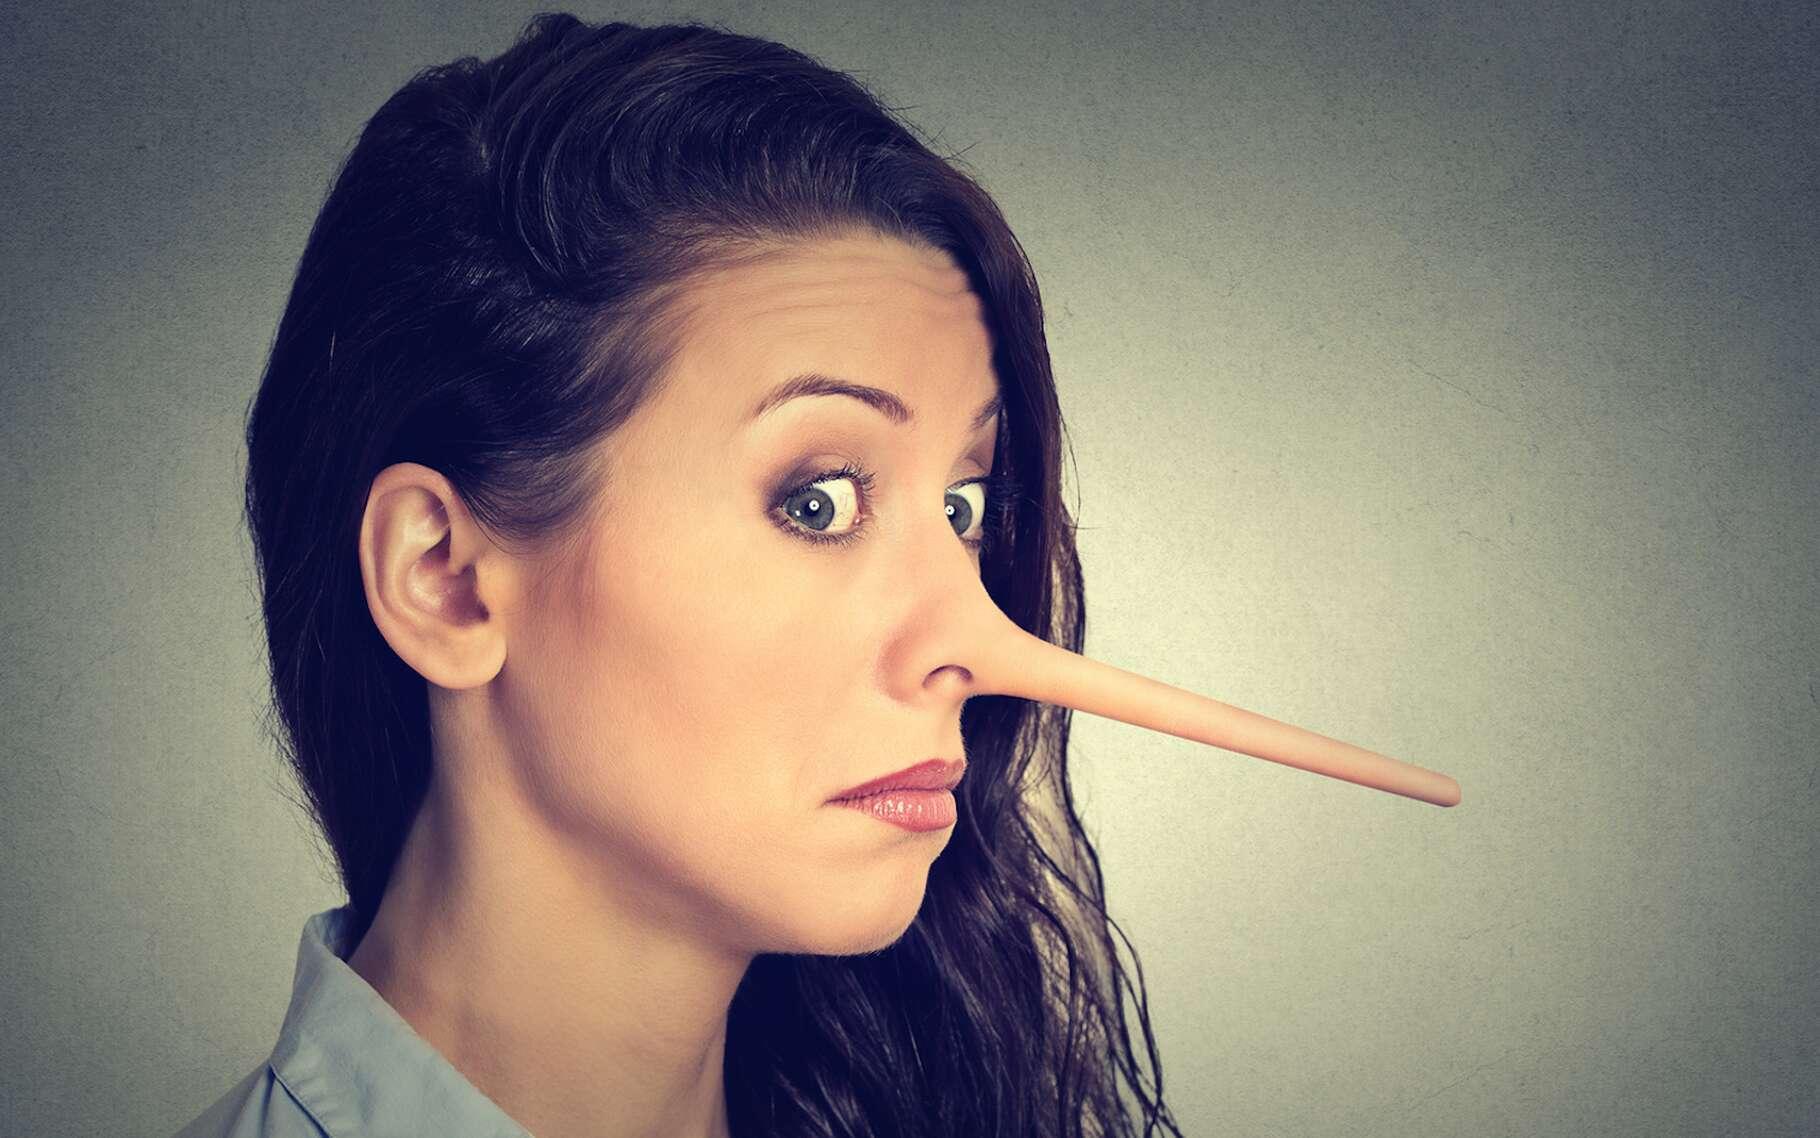 Pour savoir si quelqu'un ment, il est possible de se fier à certains signes physiques qui trahissent nos mensonges. © pathdoc, Fotolia